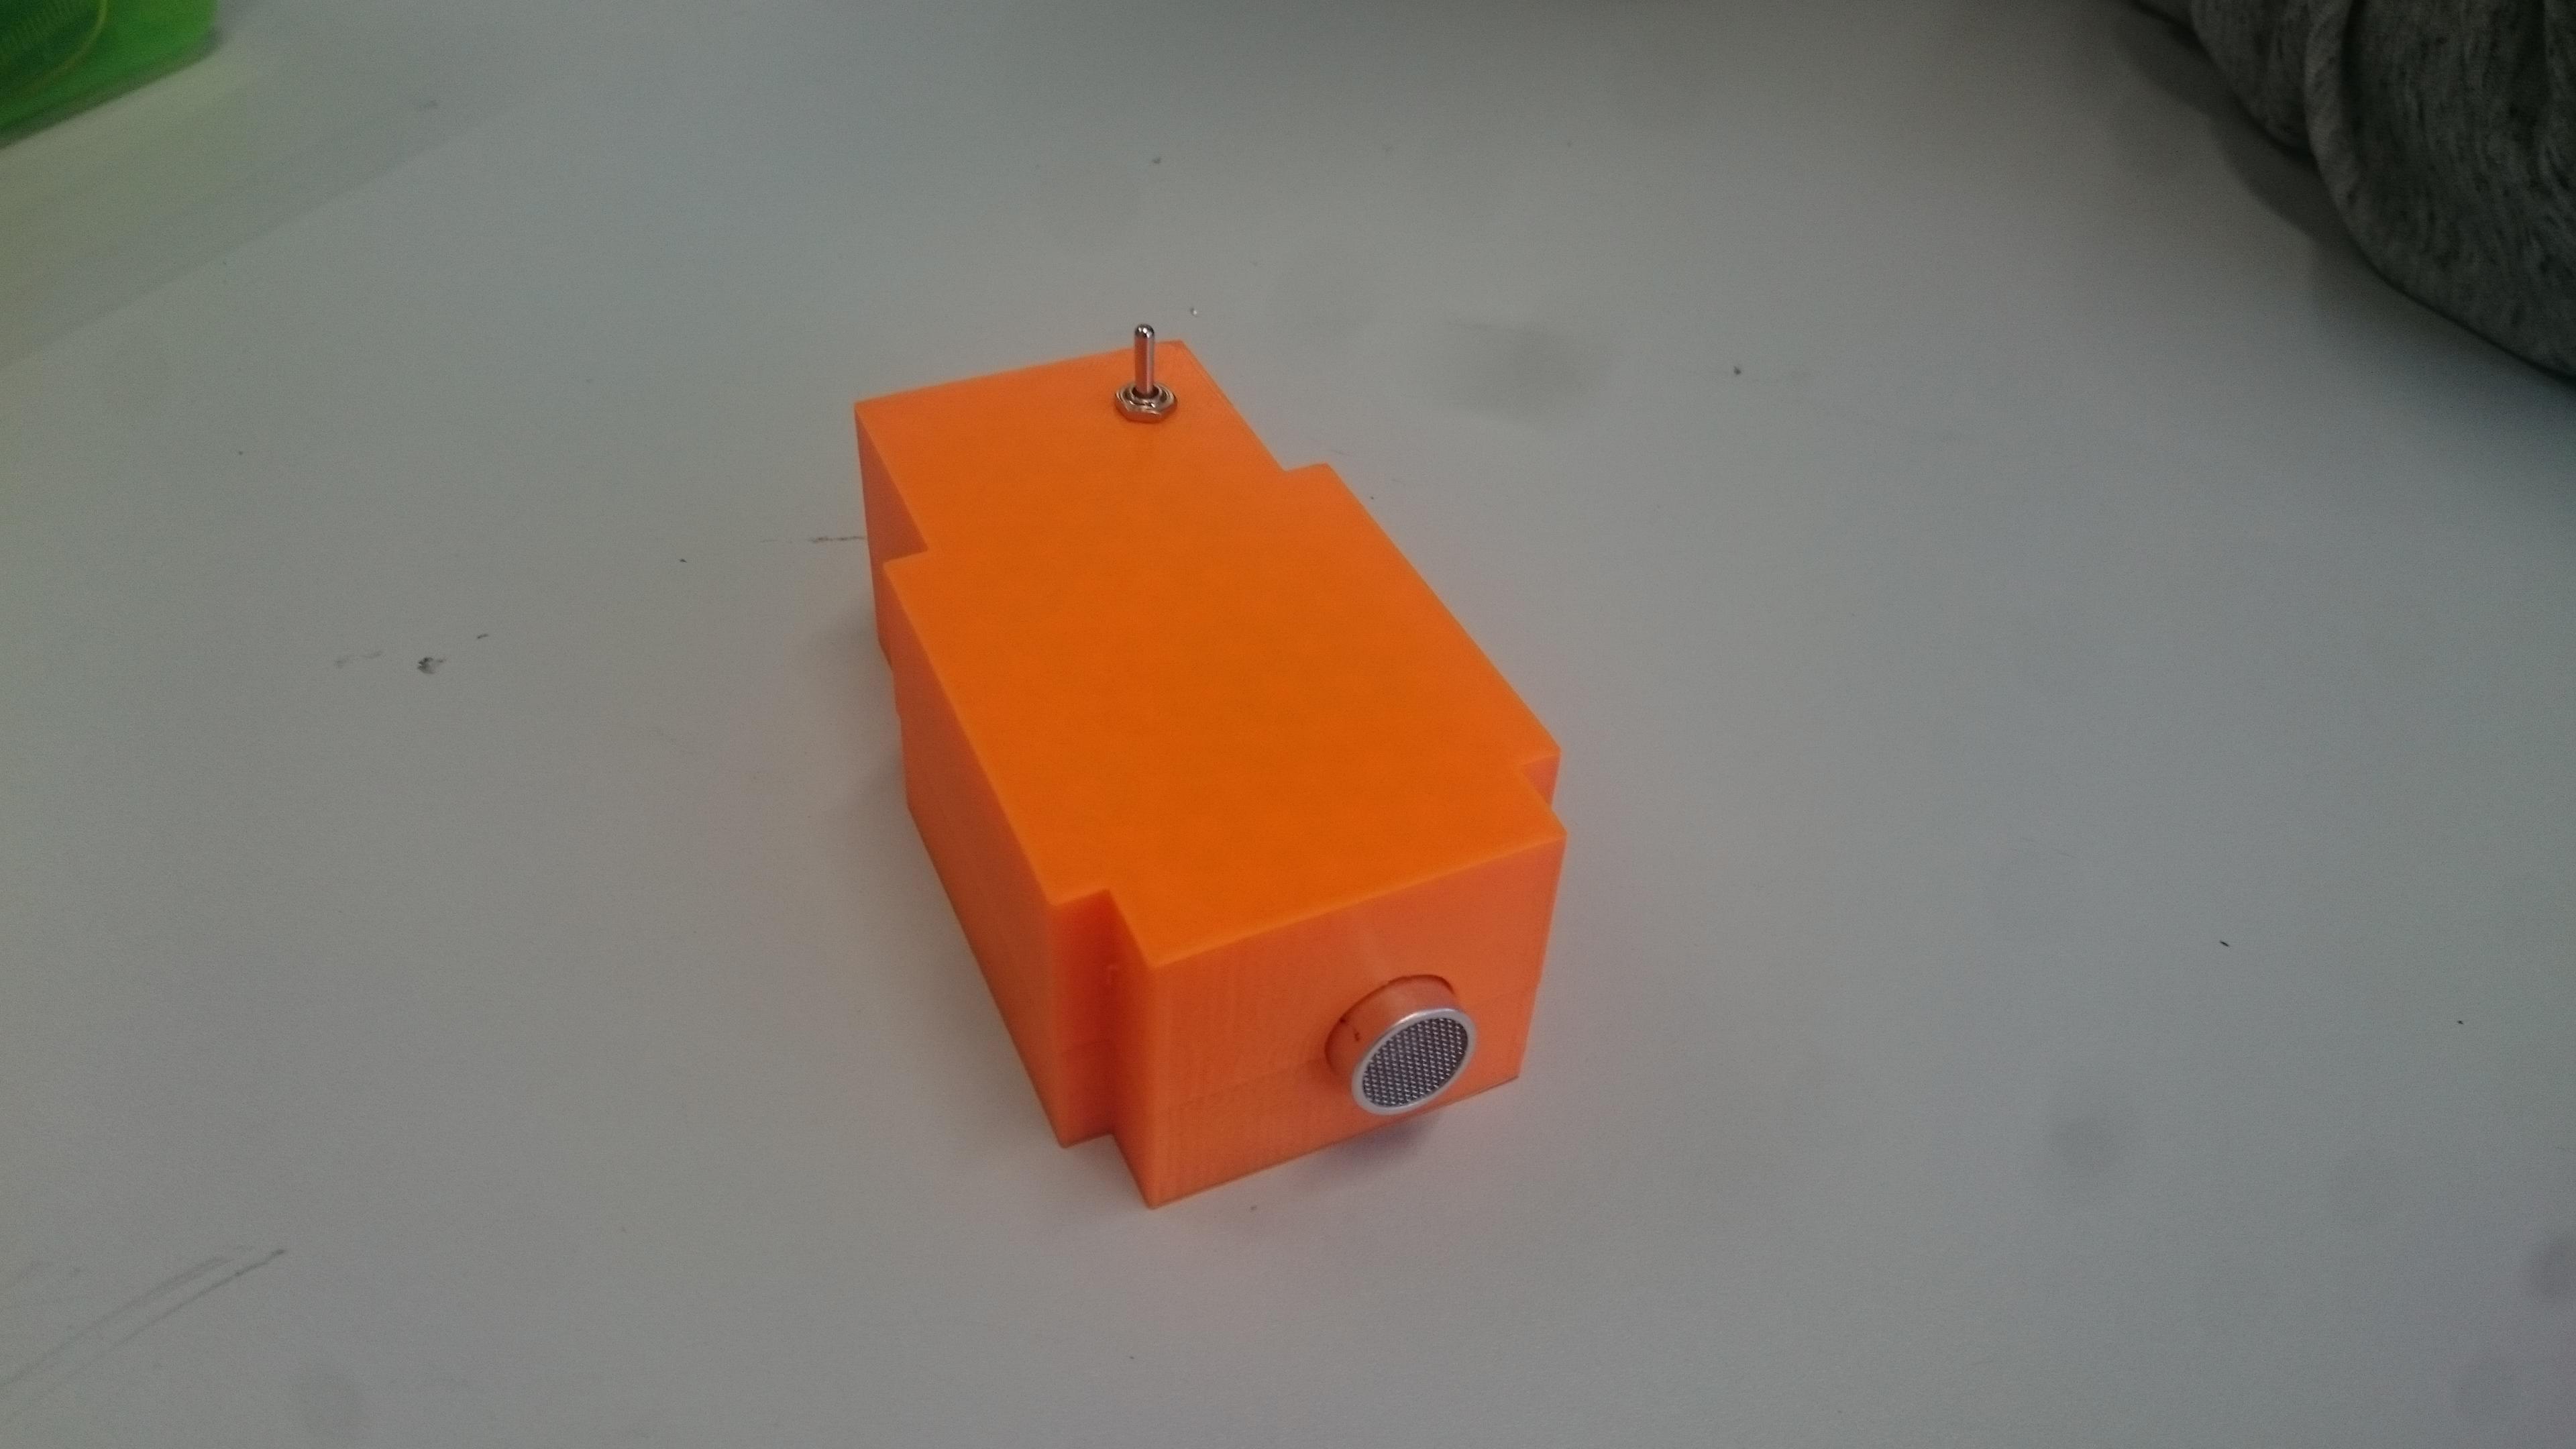 Ultraschall Entfernungsmesser Schaltplan : Struktogramm